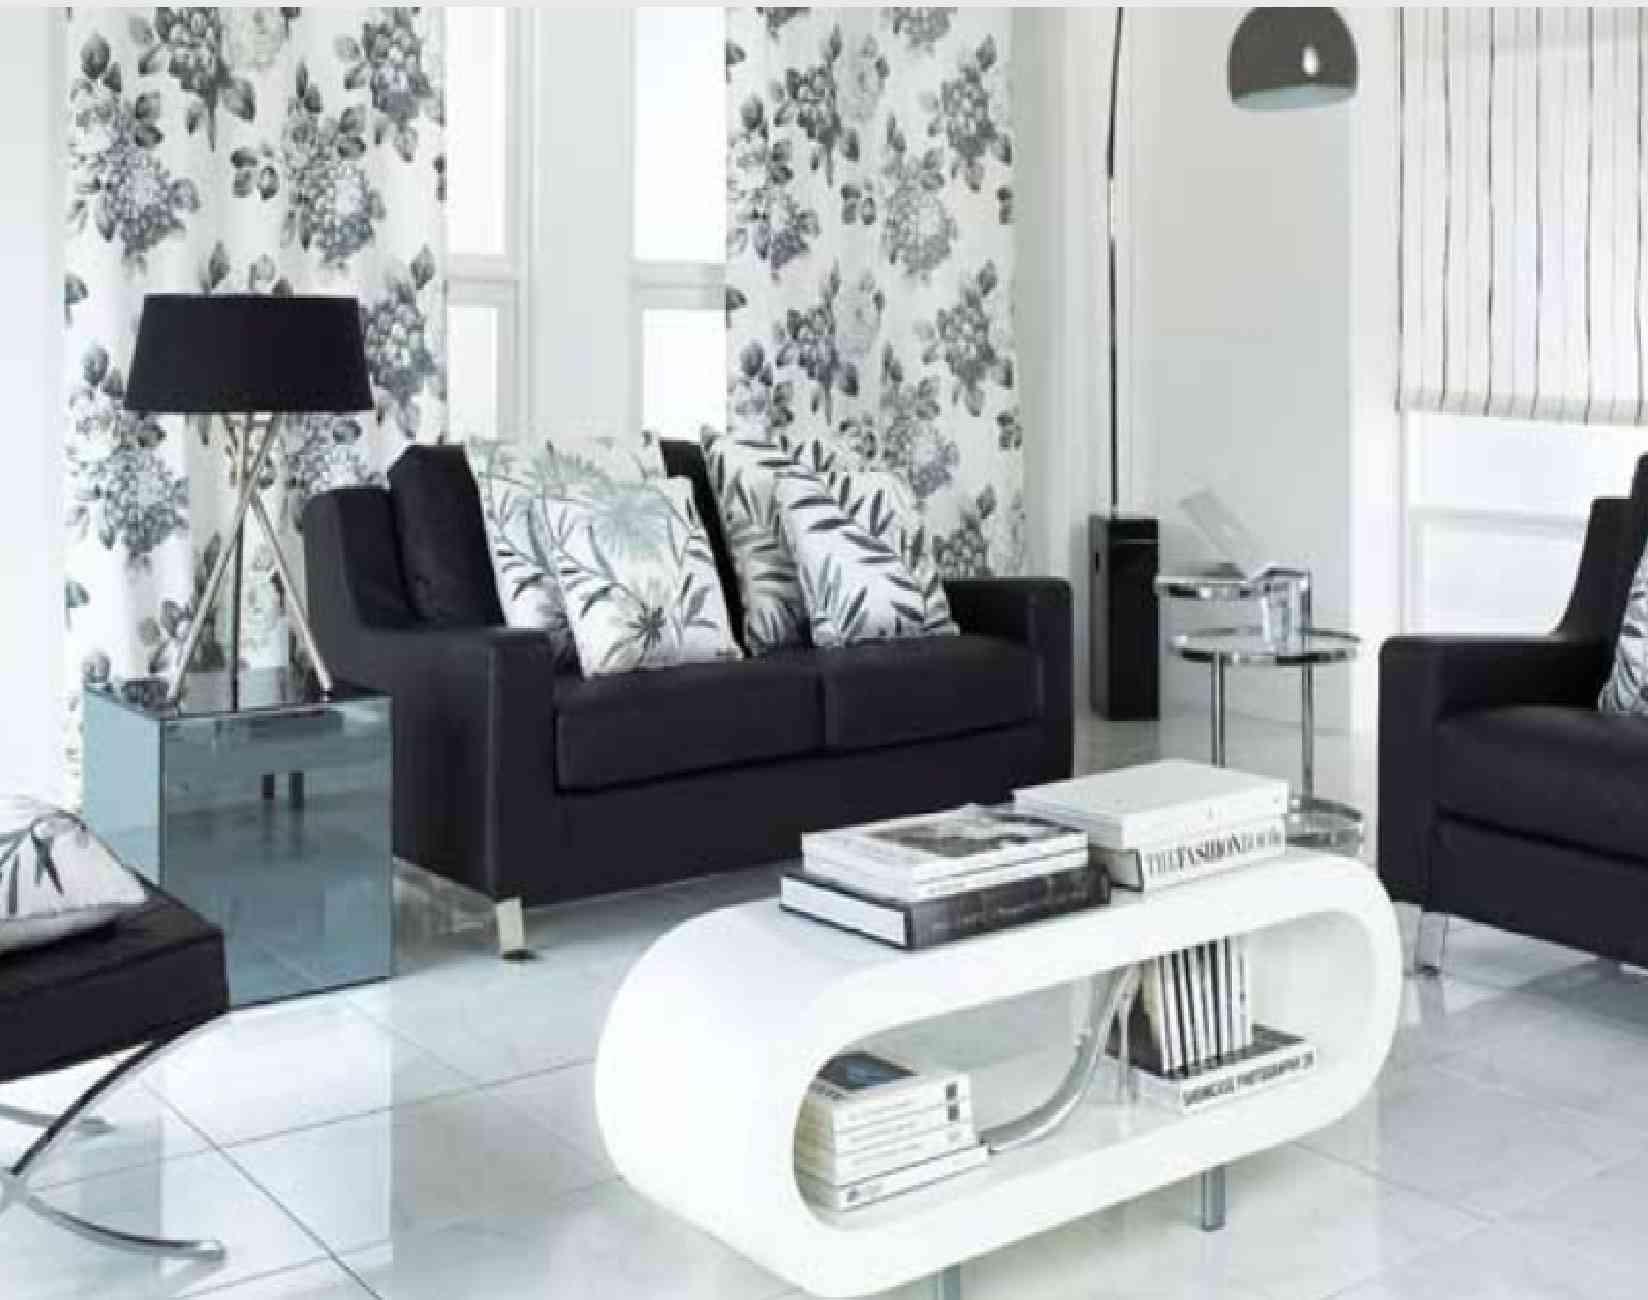 black n white living room ideas White On White Living Room Decorating Ideas Elegant Black And  1300 X 1648